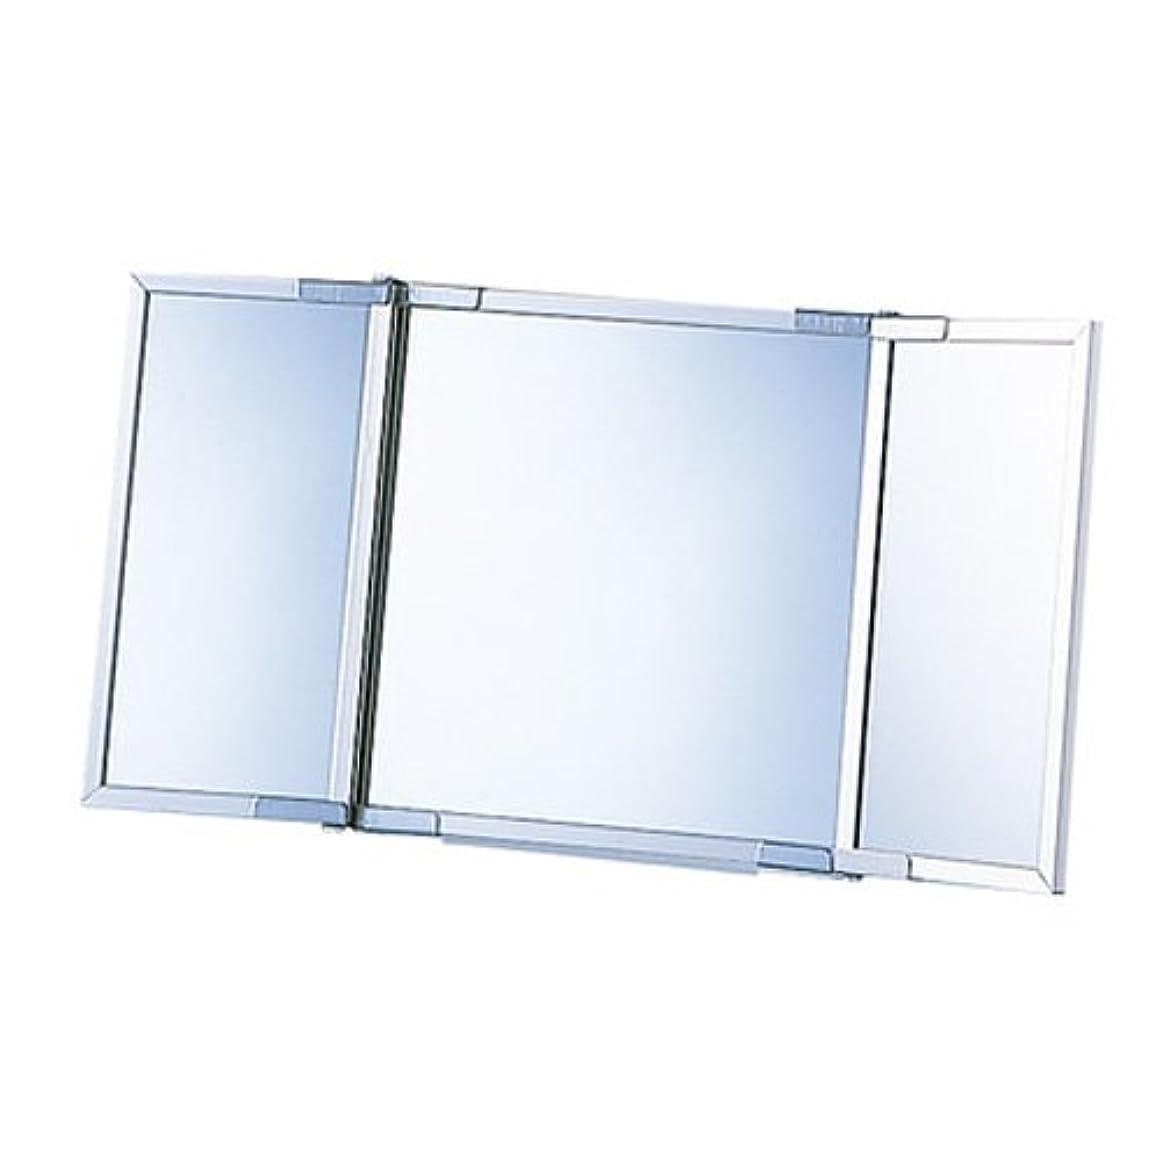 何十人も受動的気分が悪いアルミ枠三面鏡スタンドミラー TW-38